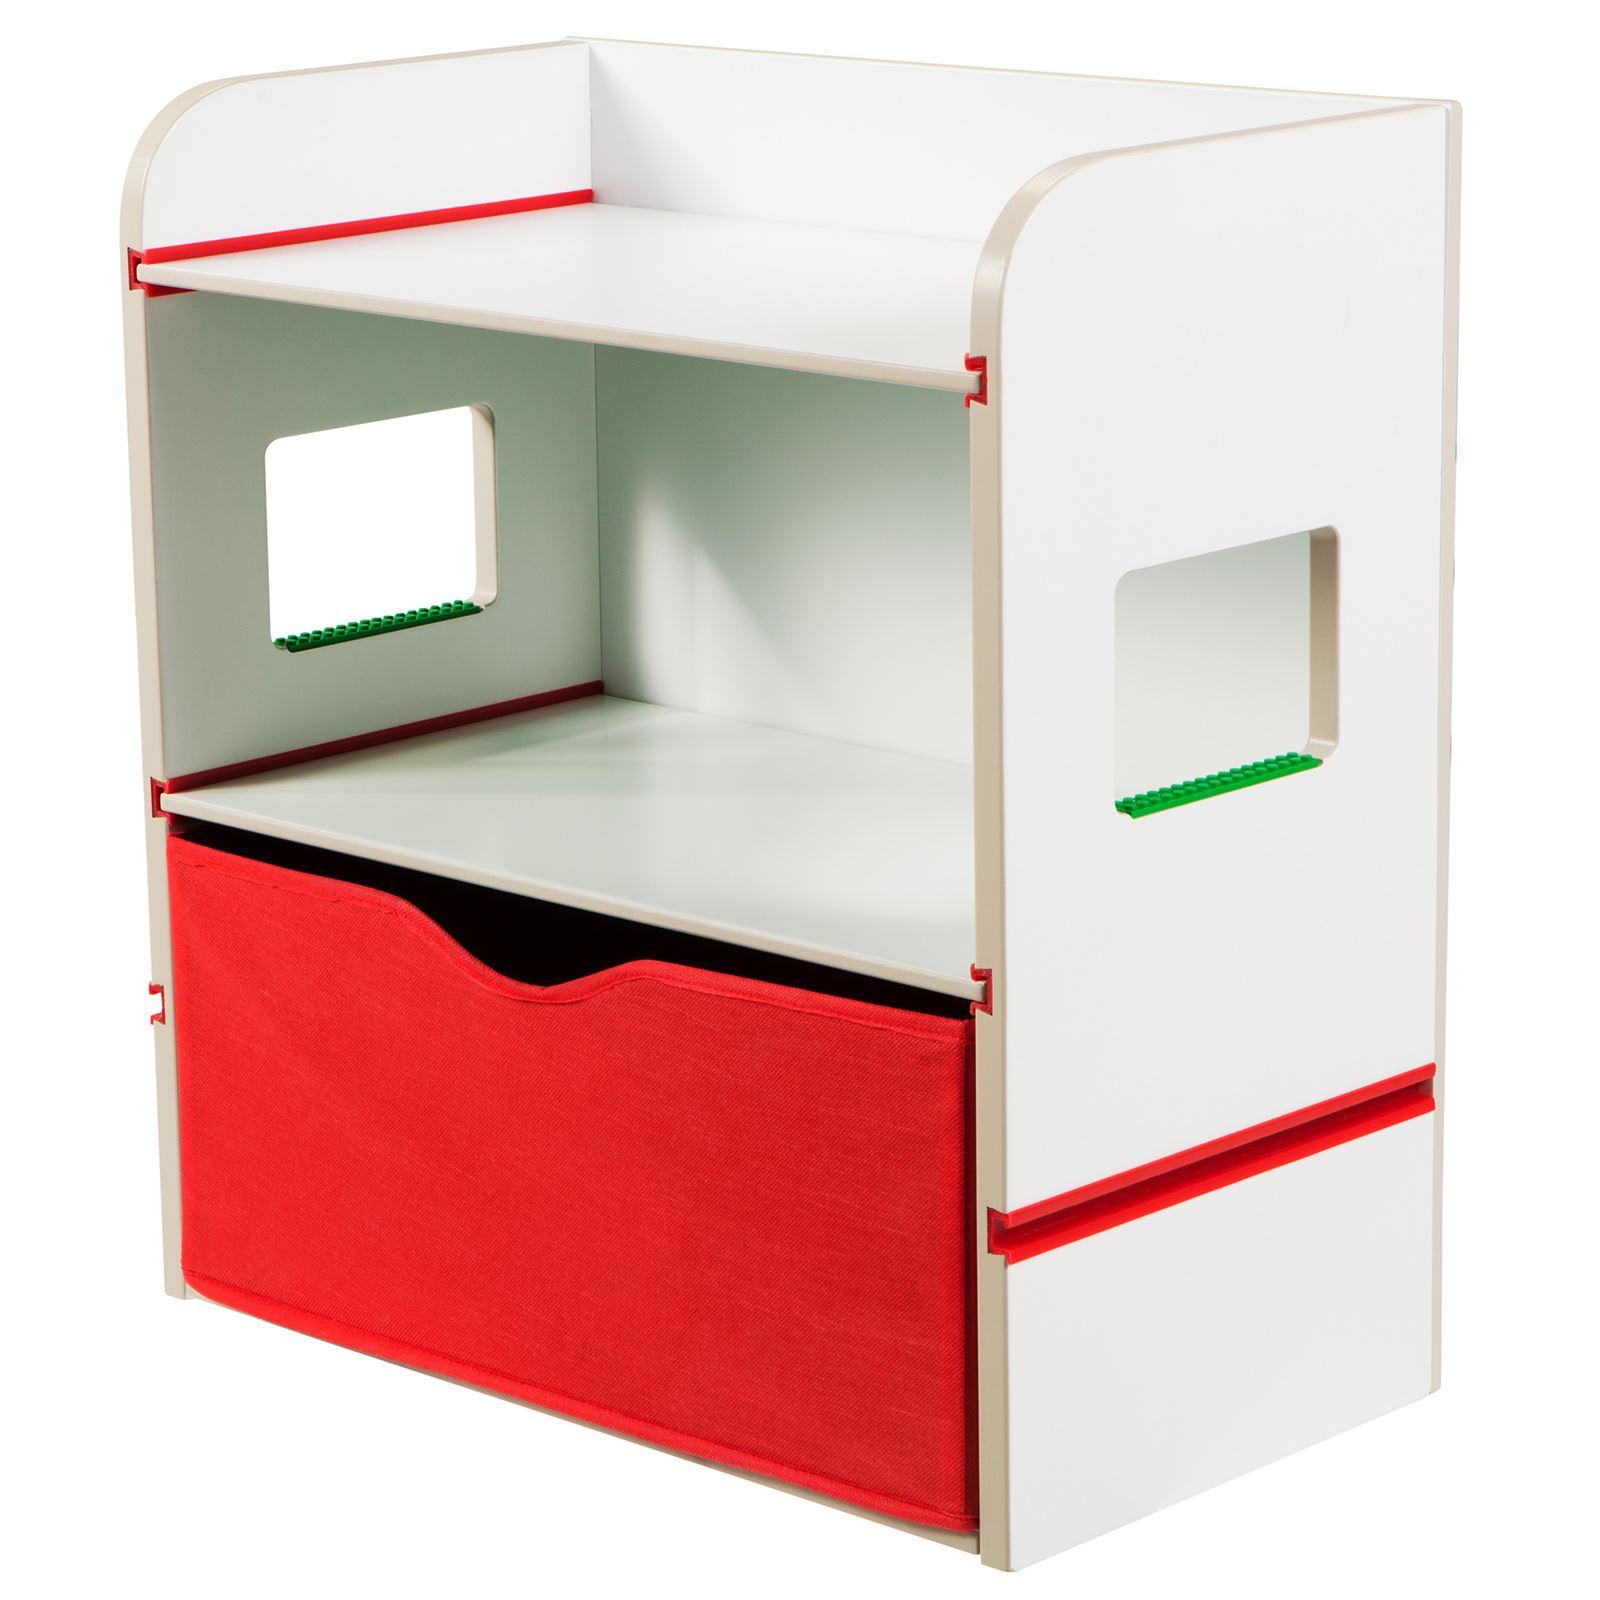 Letto Singolo Con Cassone.Camera 2 Build Camera Da Letto Bambini Lego Letto Singolo Con